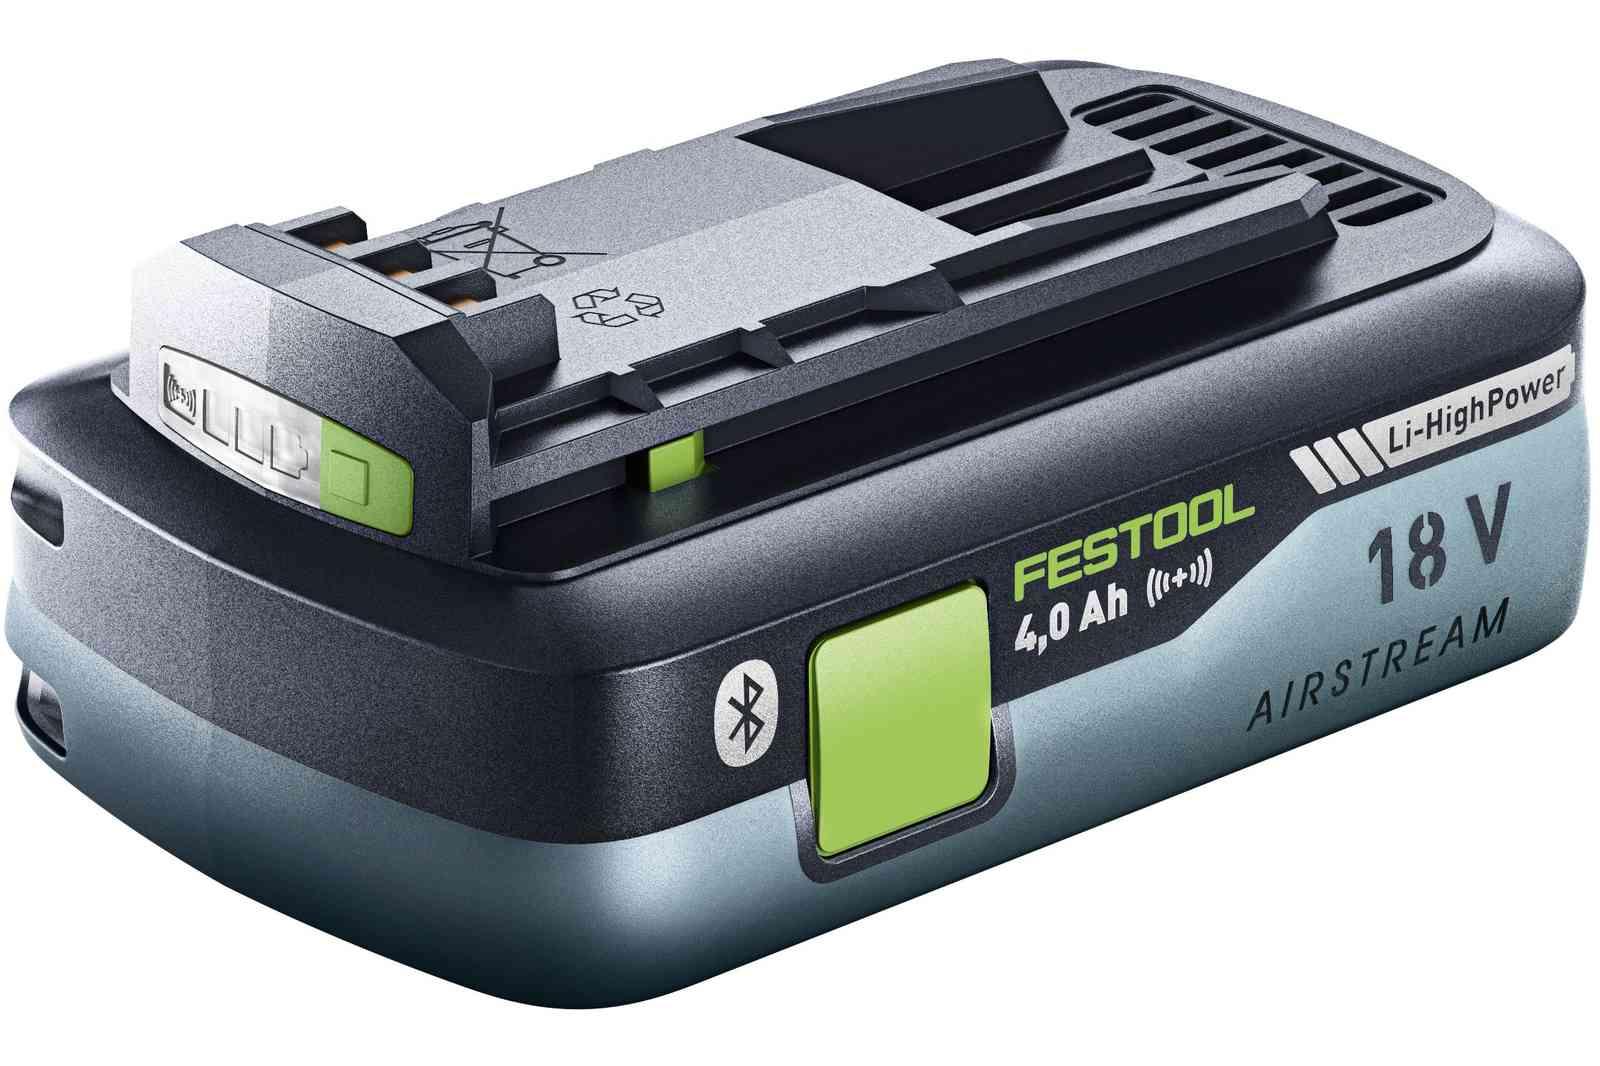 Kompaktowy akumulator Li-HighPower